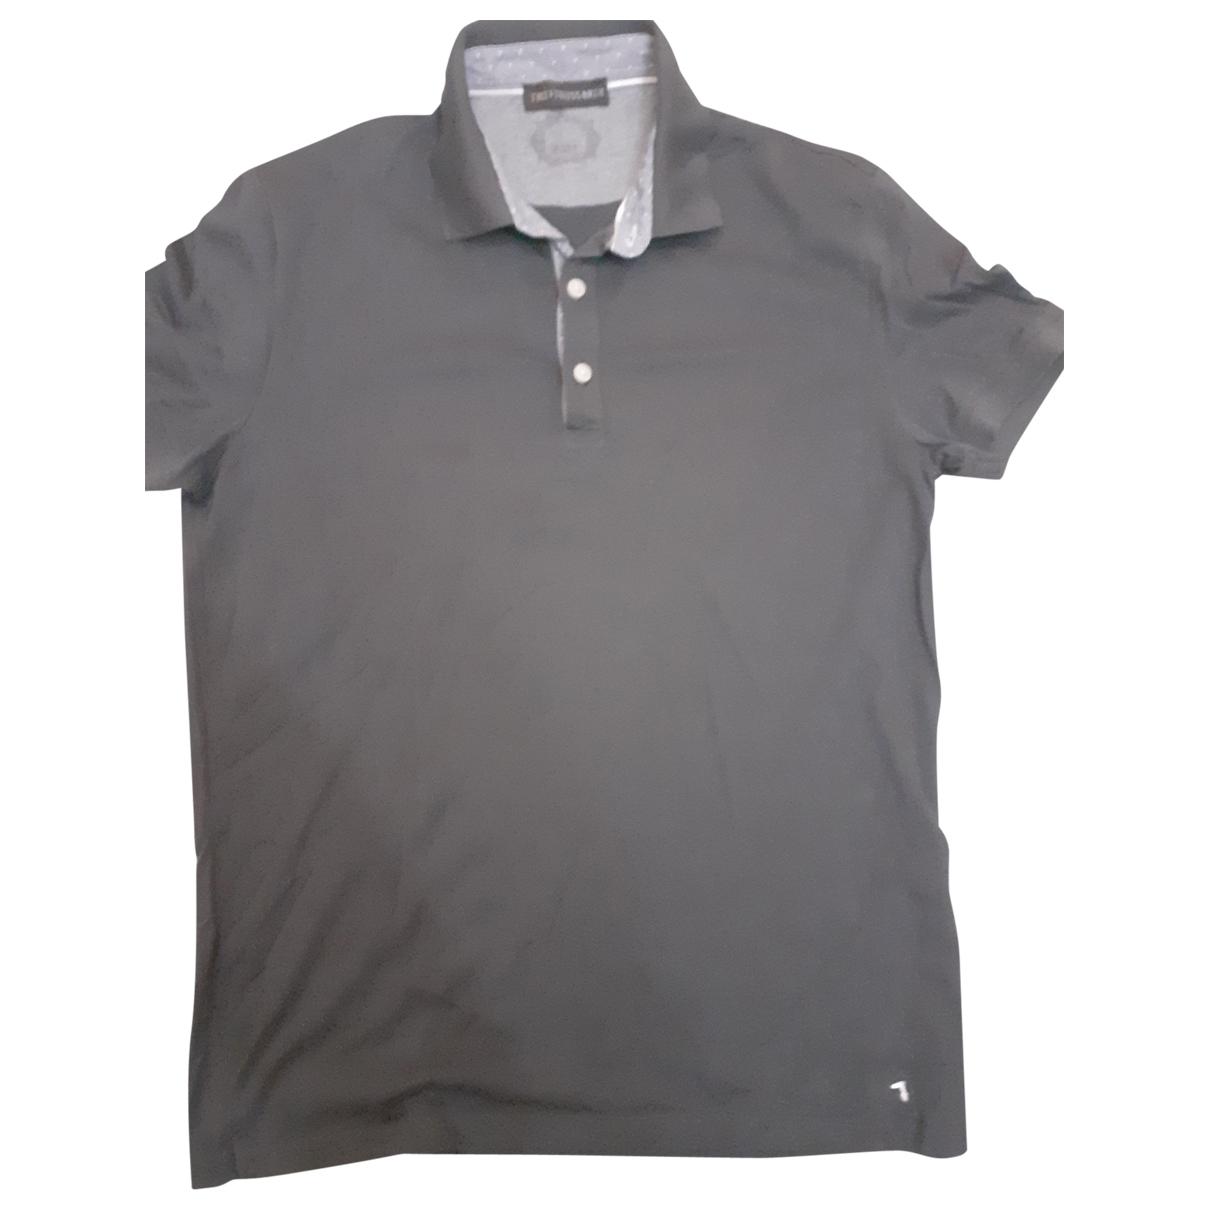 Trussardi - Tee shirts   pour homme en coton - gris